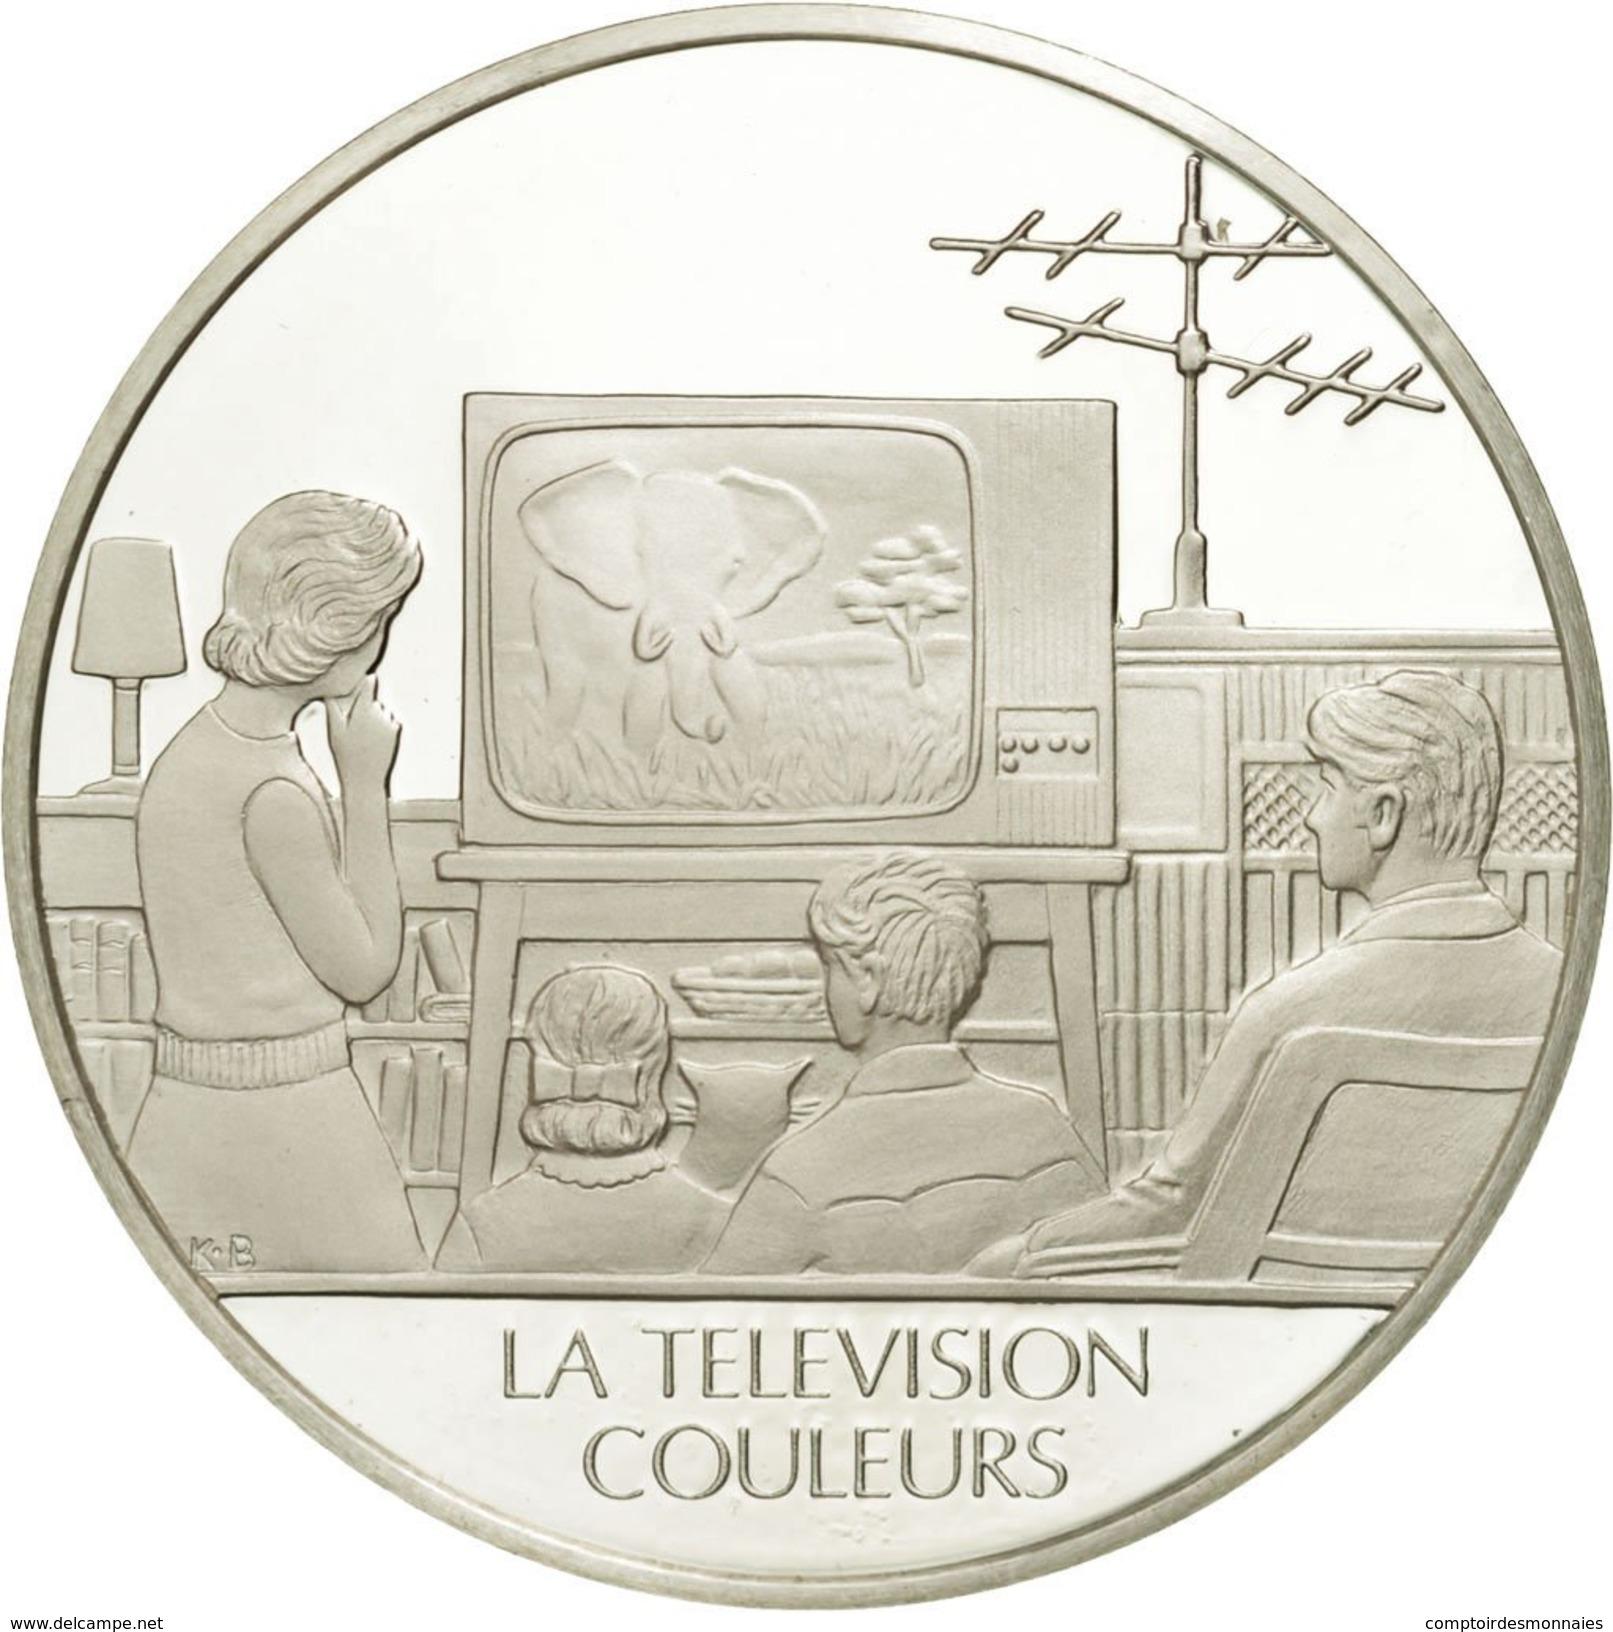 France, Medal, La Télévision Couleurs, Sciences & Technologies, FDC, Argent - France